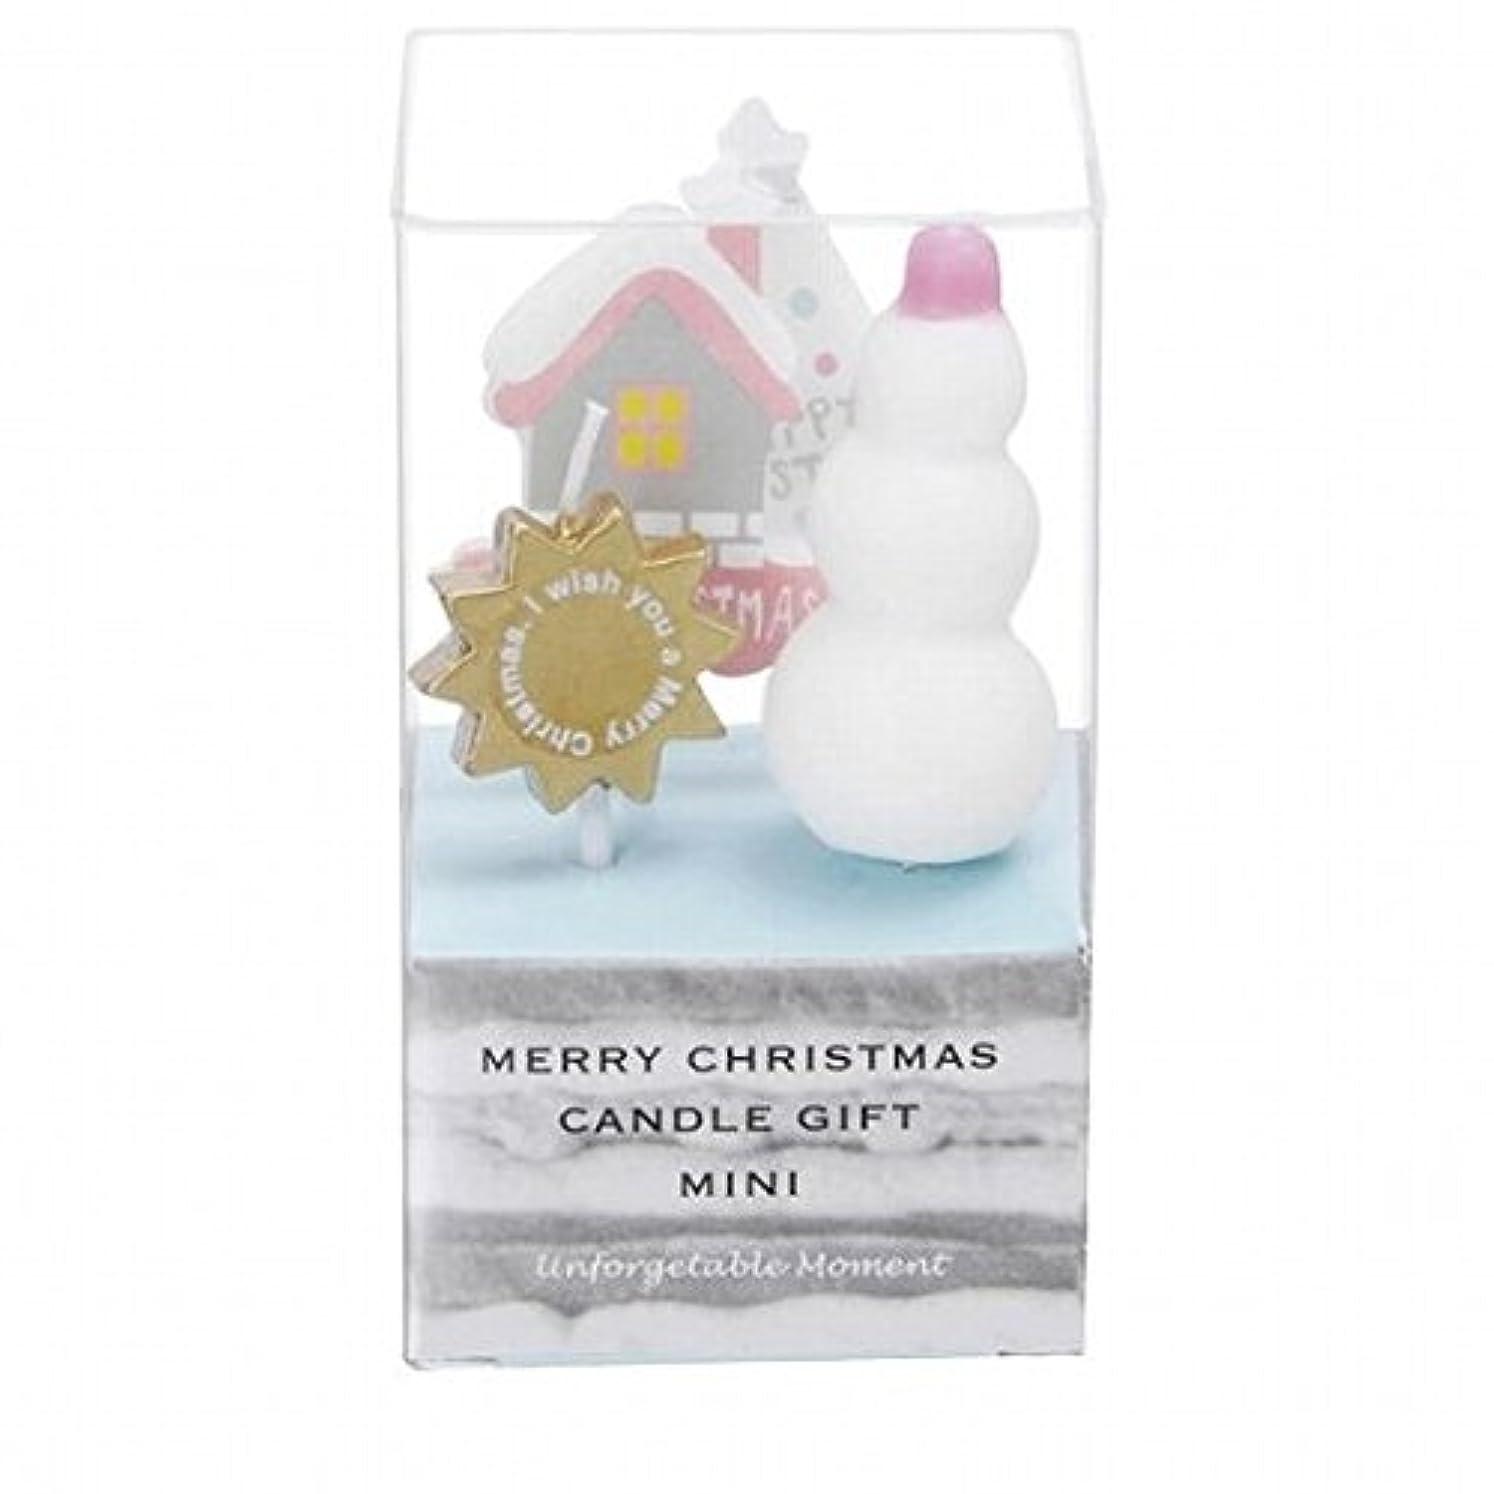 ぐるぐるスポット等kameyama candle(カメヤマキャンドル) クリスマスキャンドルギフトミニ 「 B 」(55350050)